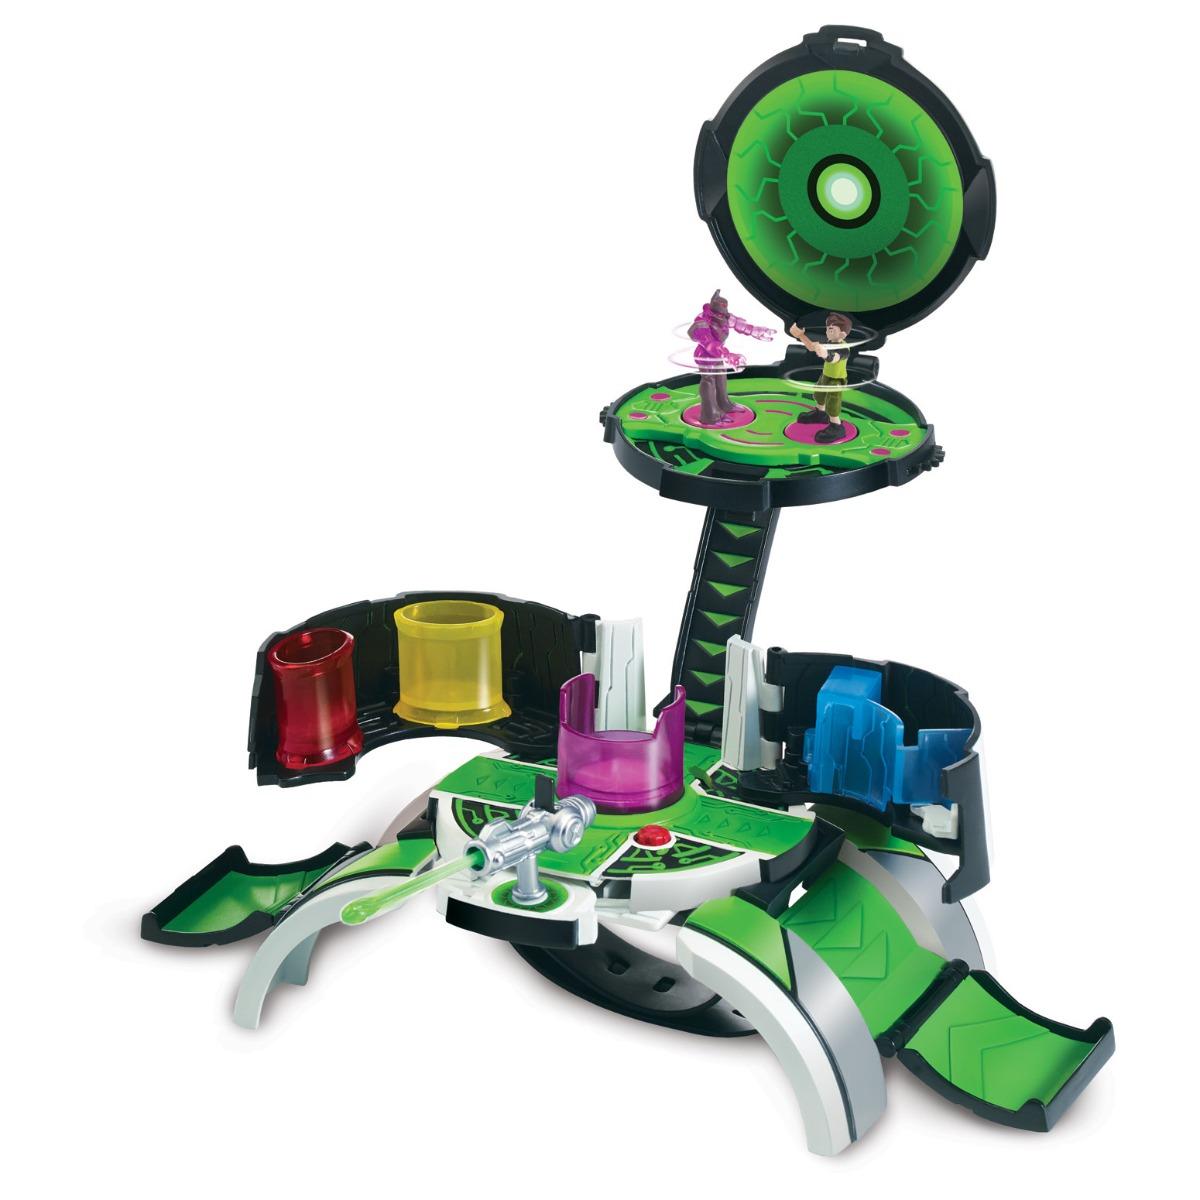 Set de joaca cu 2 minifigurine Micro World Omnitrix Ben 10, 77723 imagine